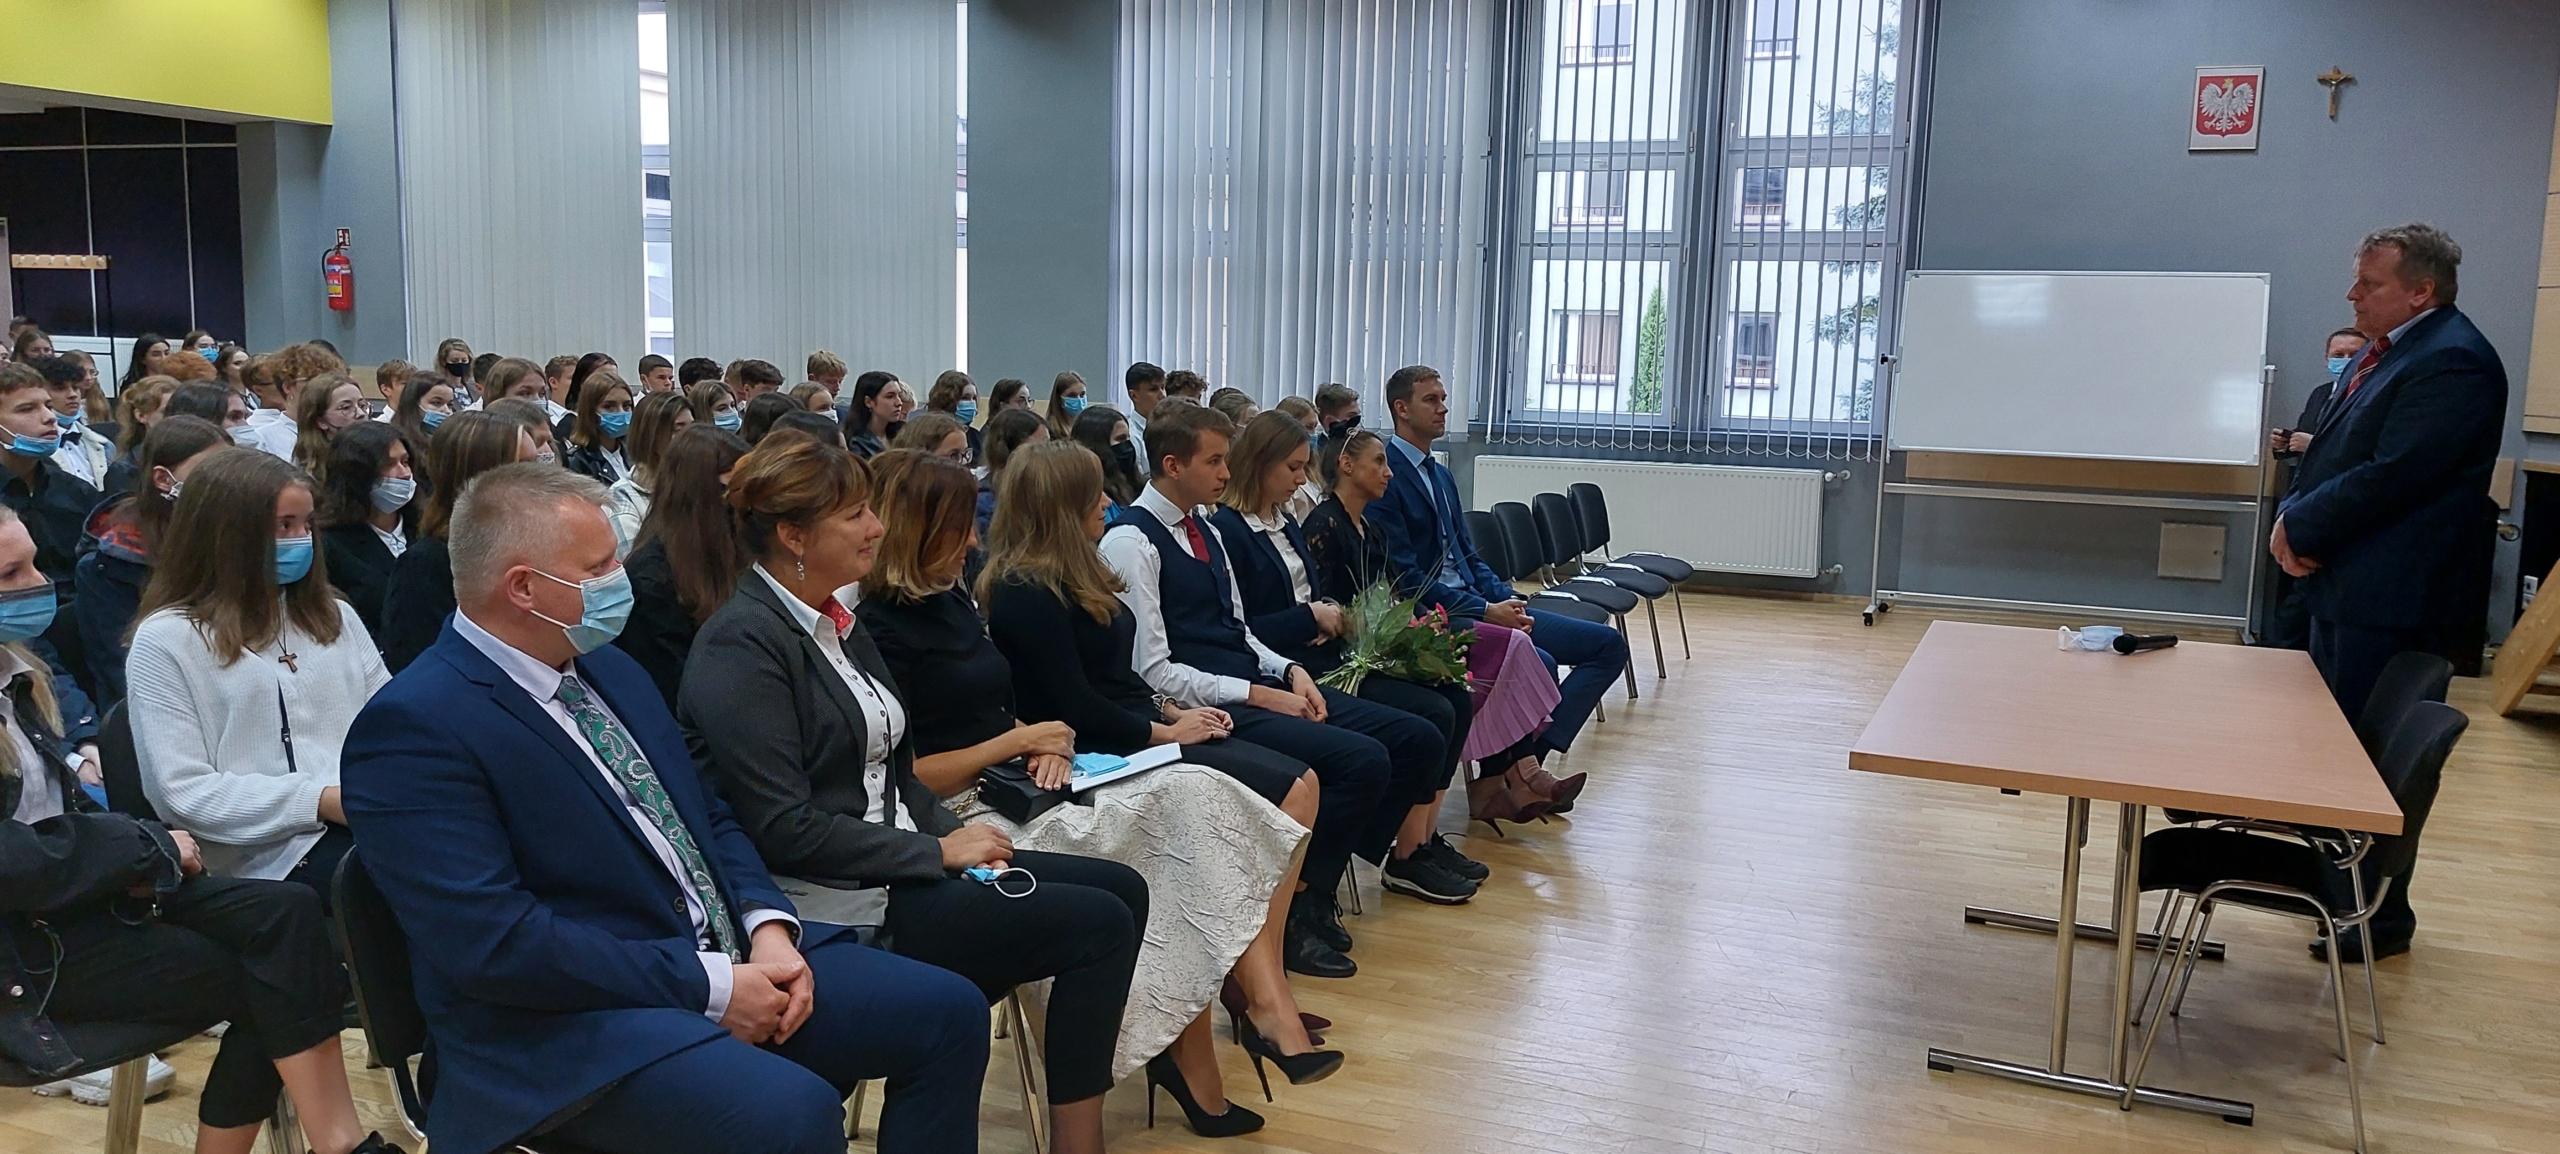 Uczniowie i nauczyciele w auli szkolnej podczas uroczystości rozpoczęcia roku szkolnego